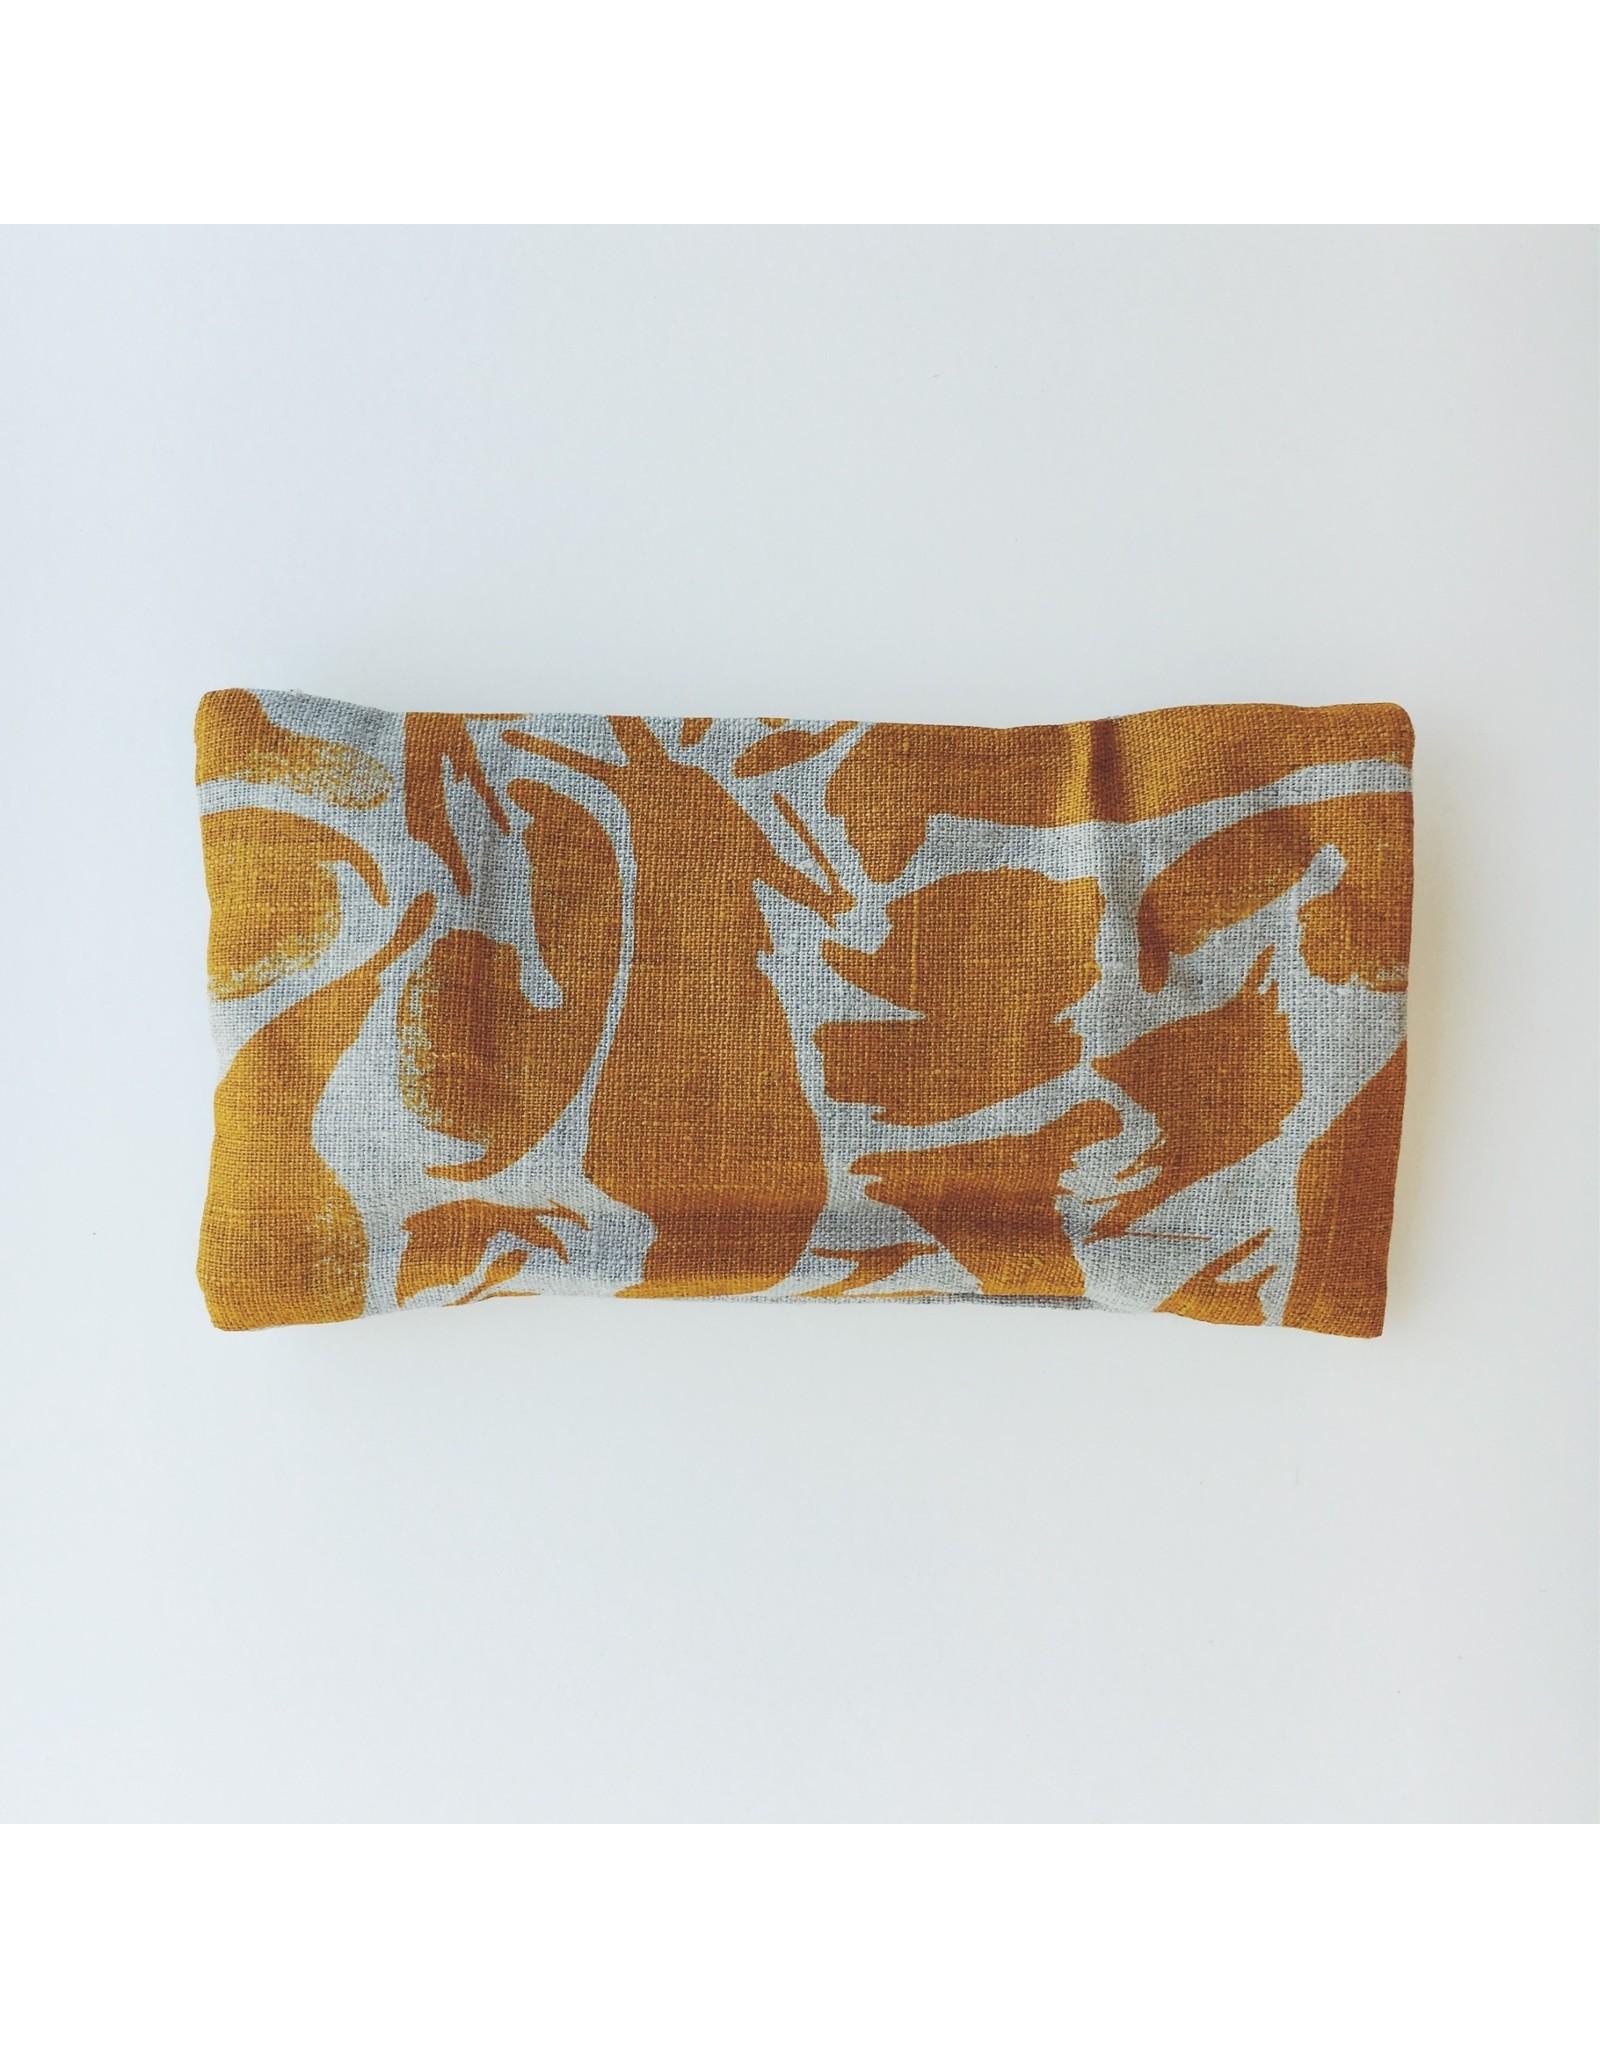 Wheat Bag Eye Pillow